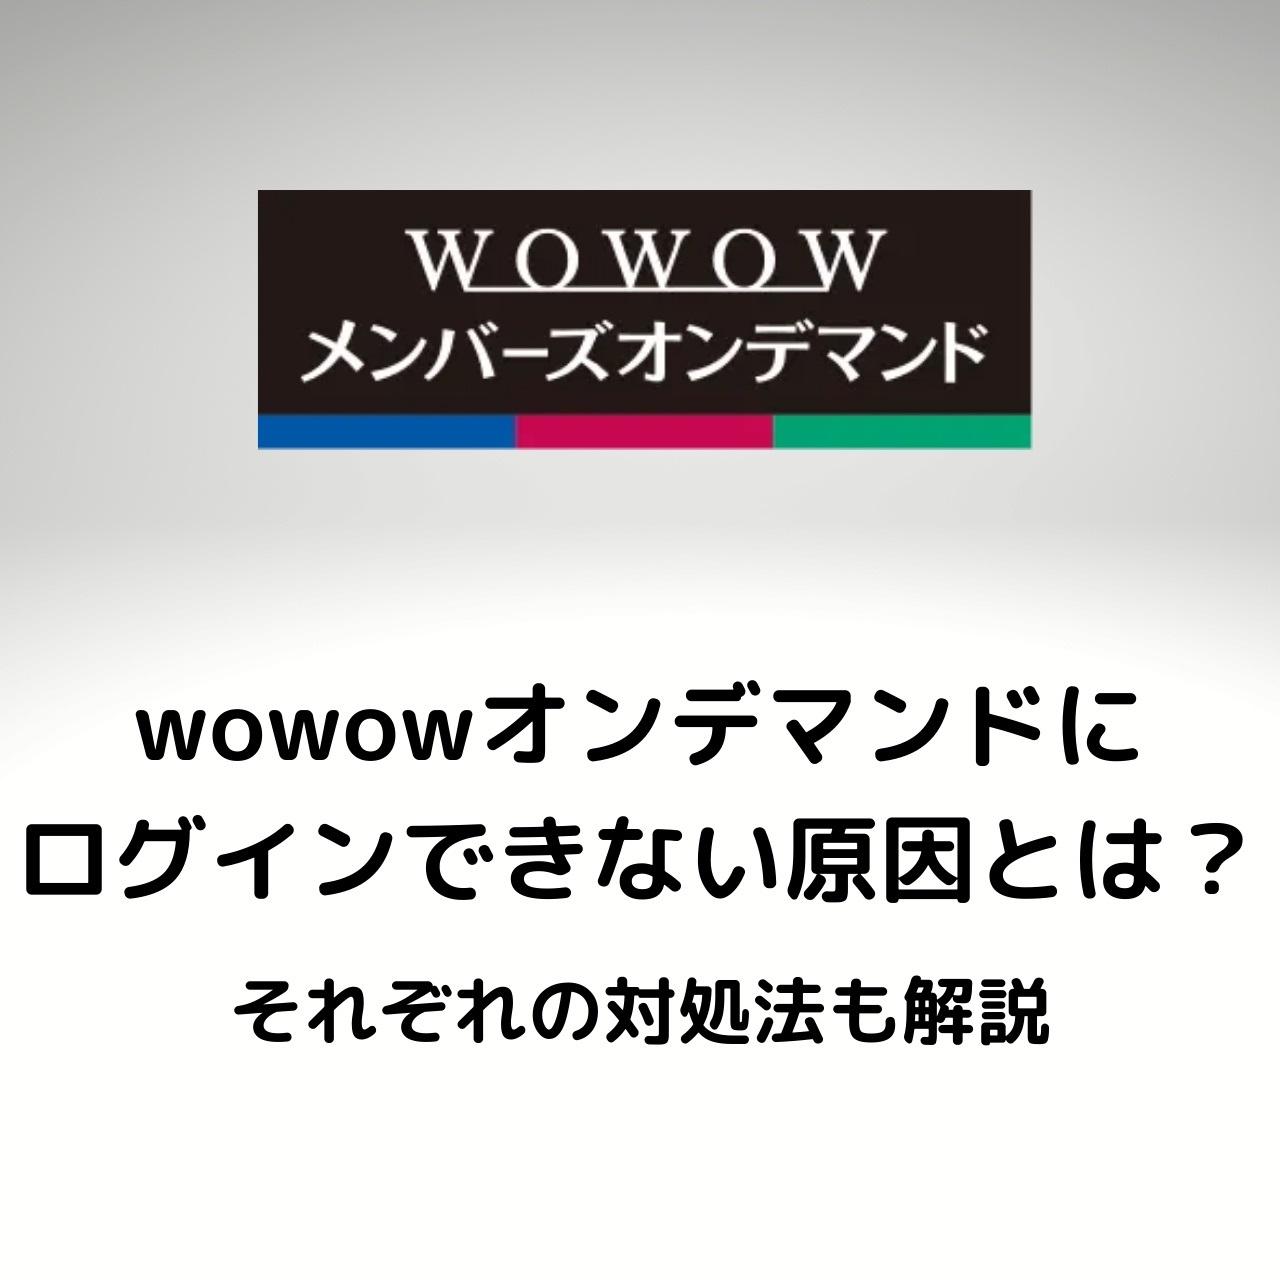 wowowオンデマンドにログインできない原因とは?それぞれの対処法も解説